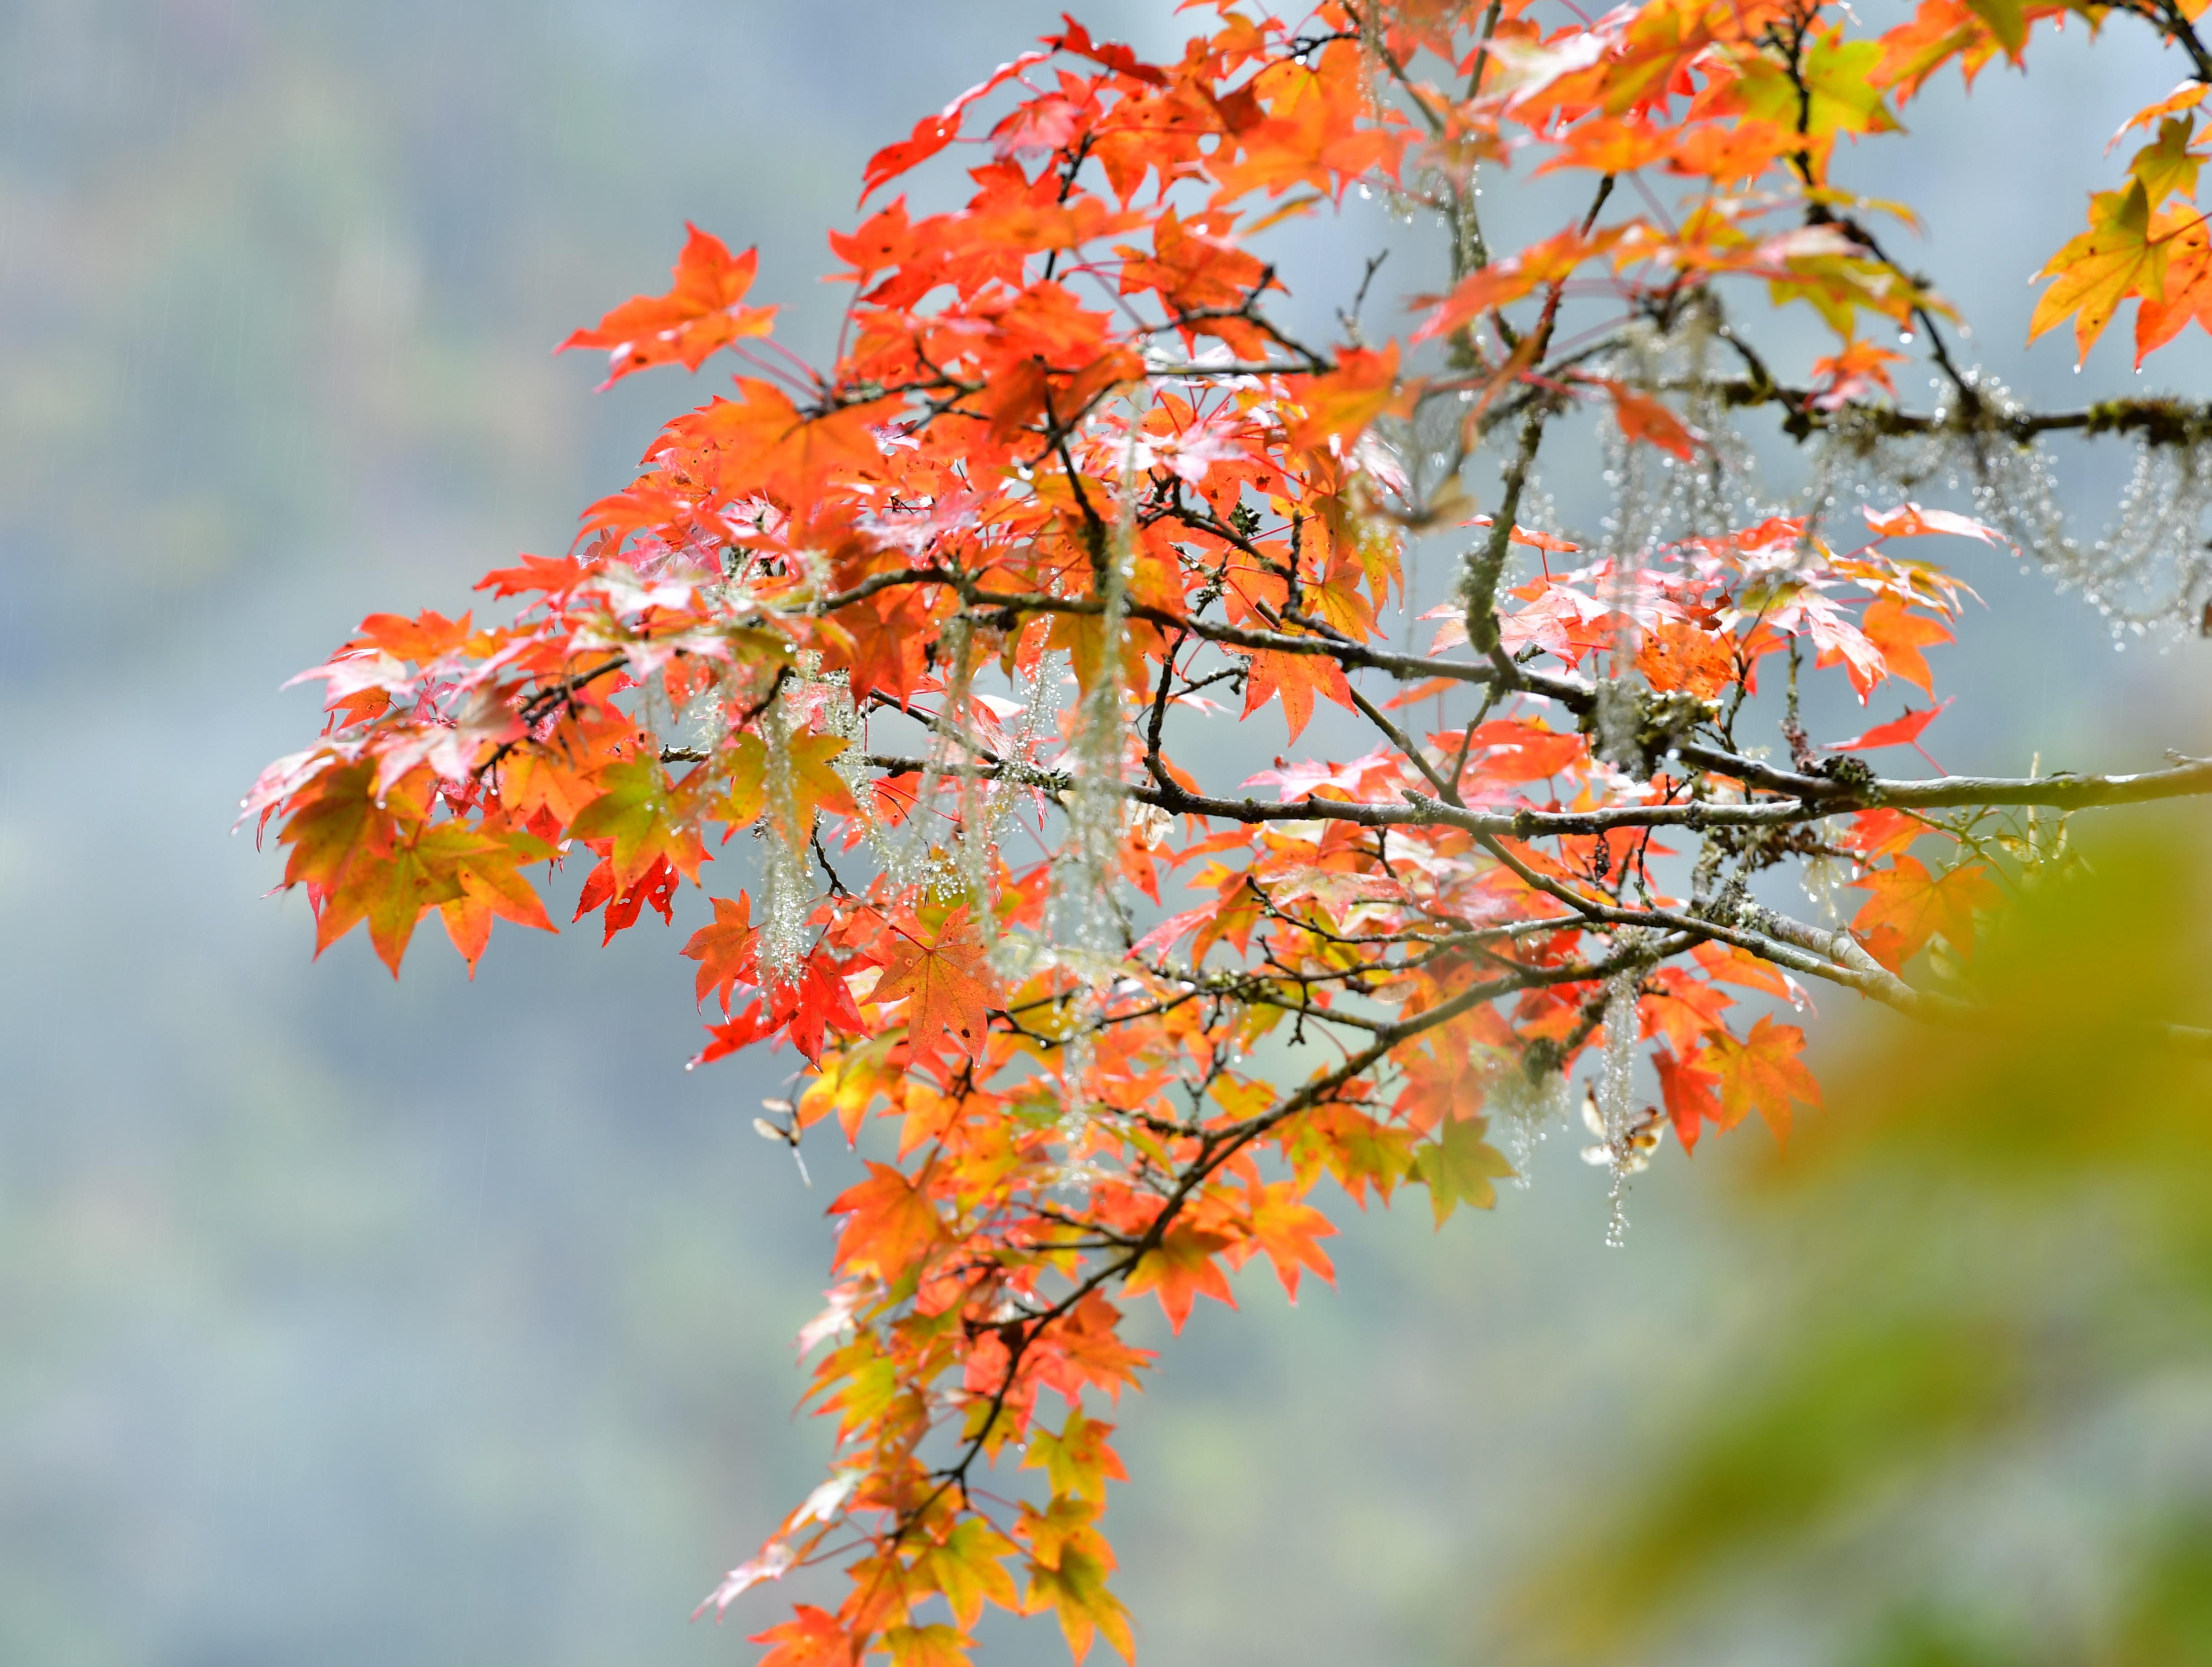 背景 壁纸 枫叶 红枫 绿色 绿叶 树 树叶 植物 桌面 4891_3687